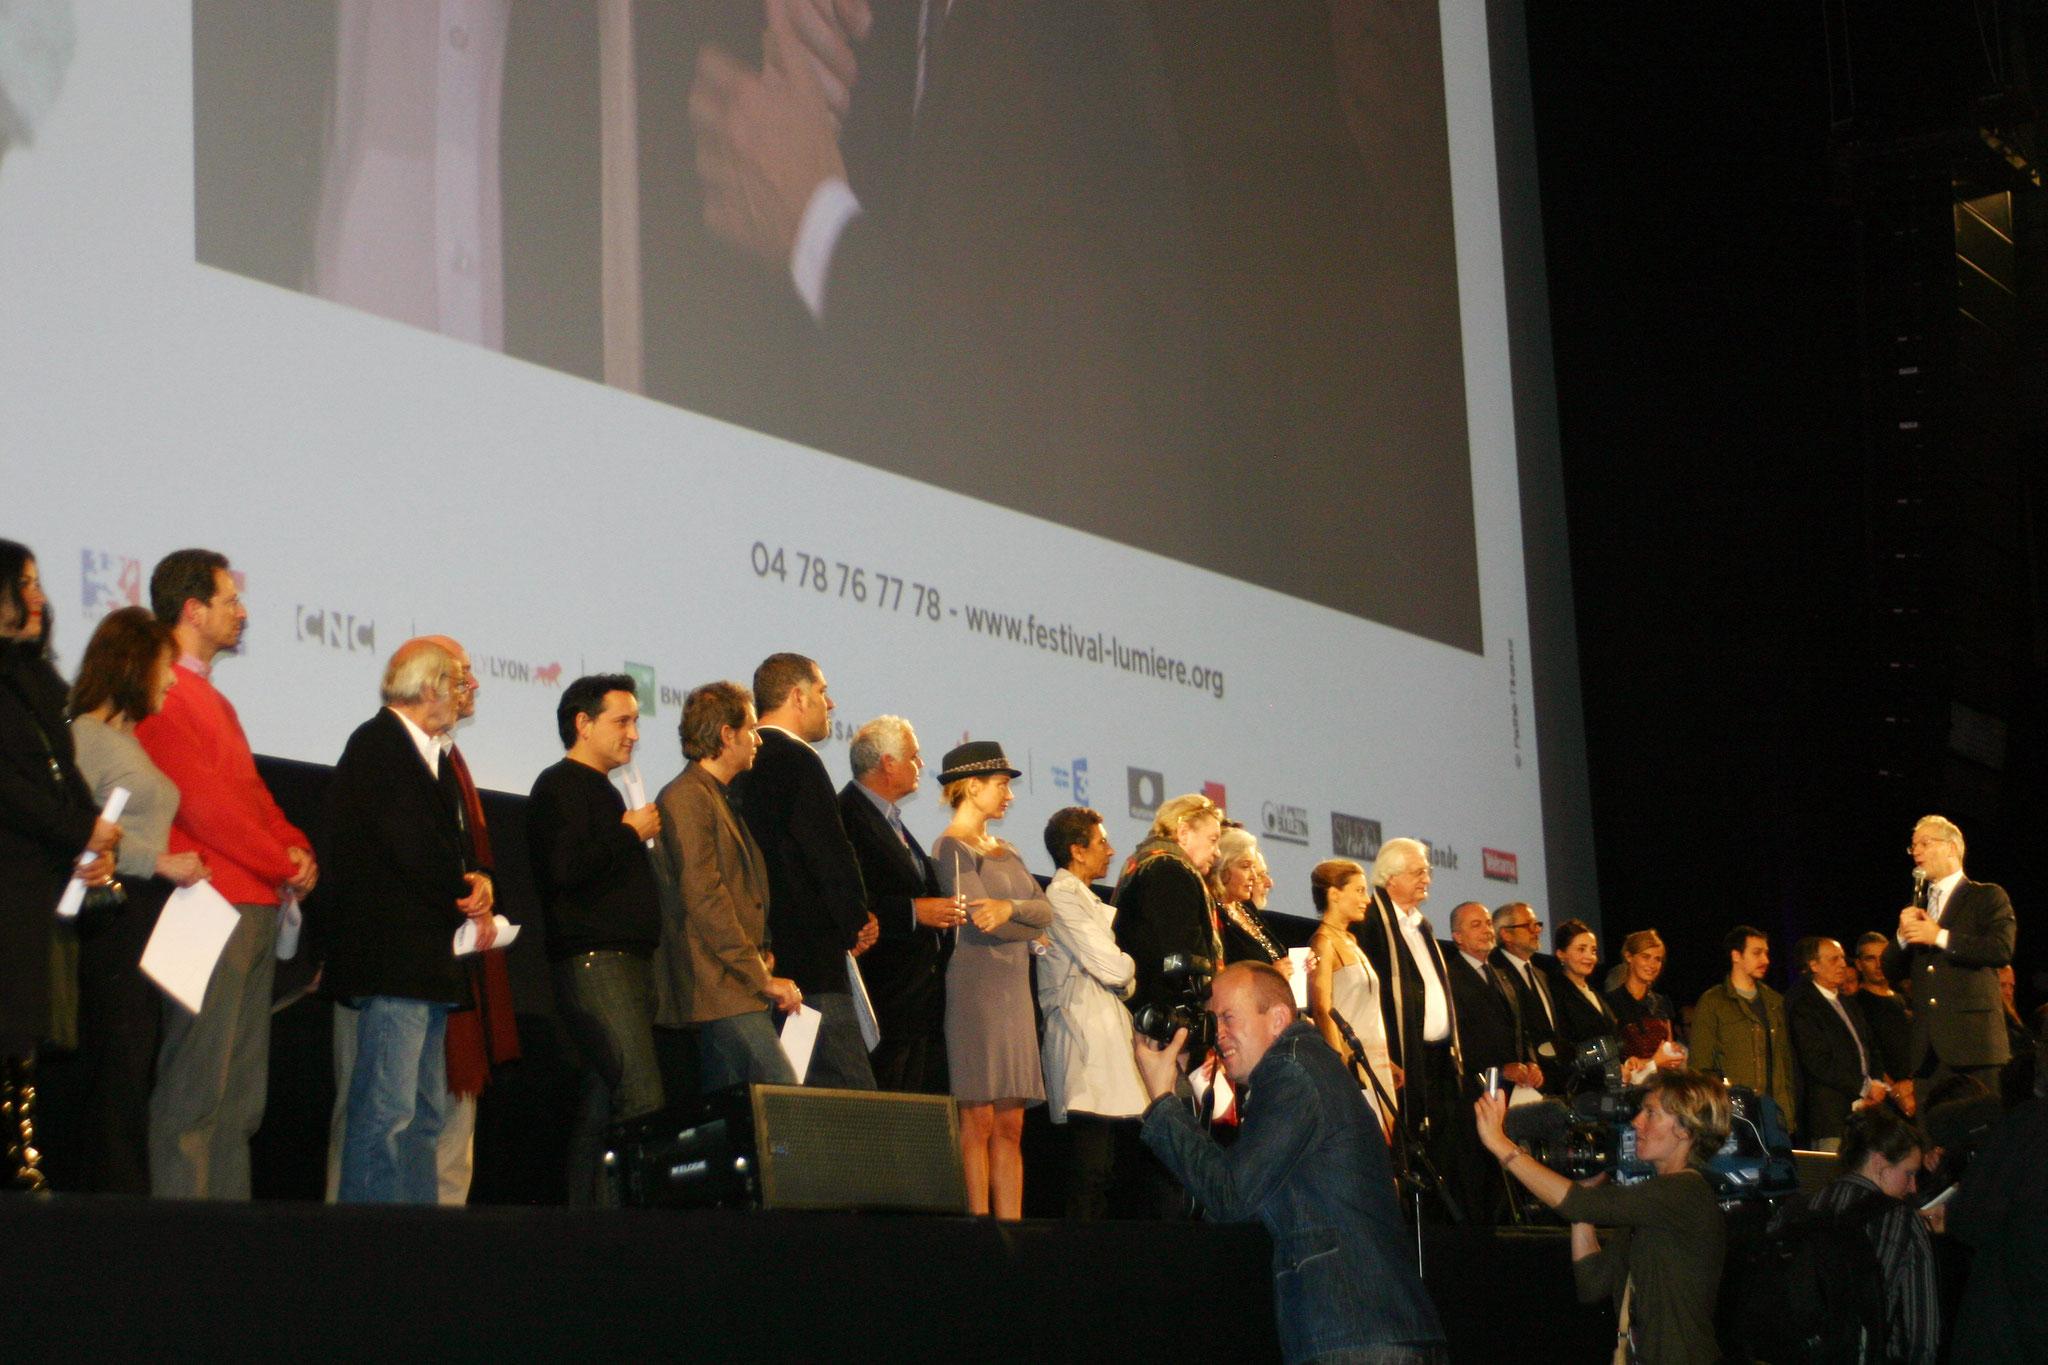 Les nombreux invités du Festival Lumière 2011 - Lyon - Photo © Anik COUBLE